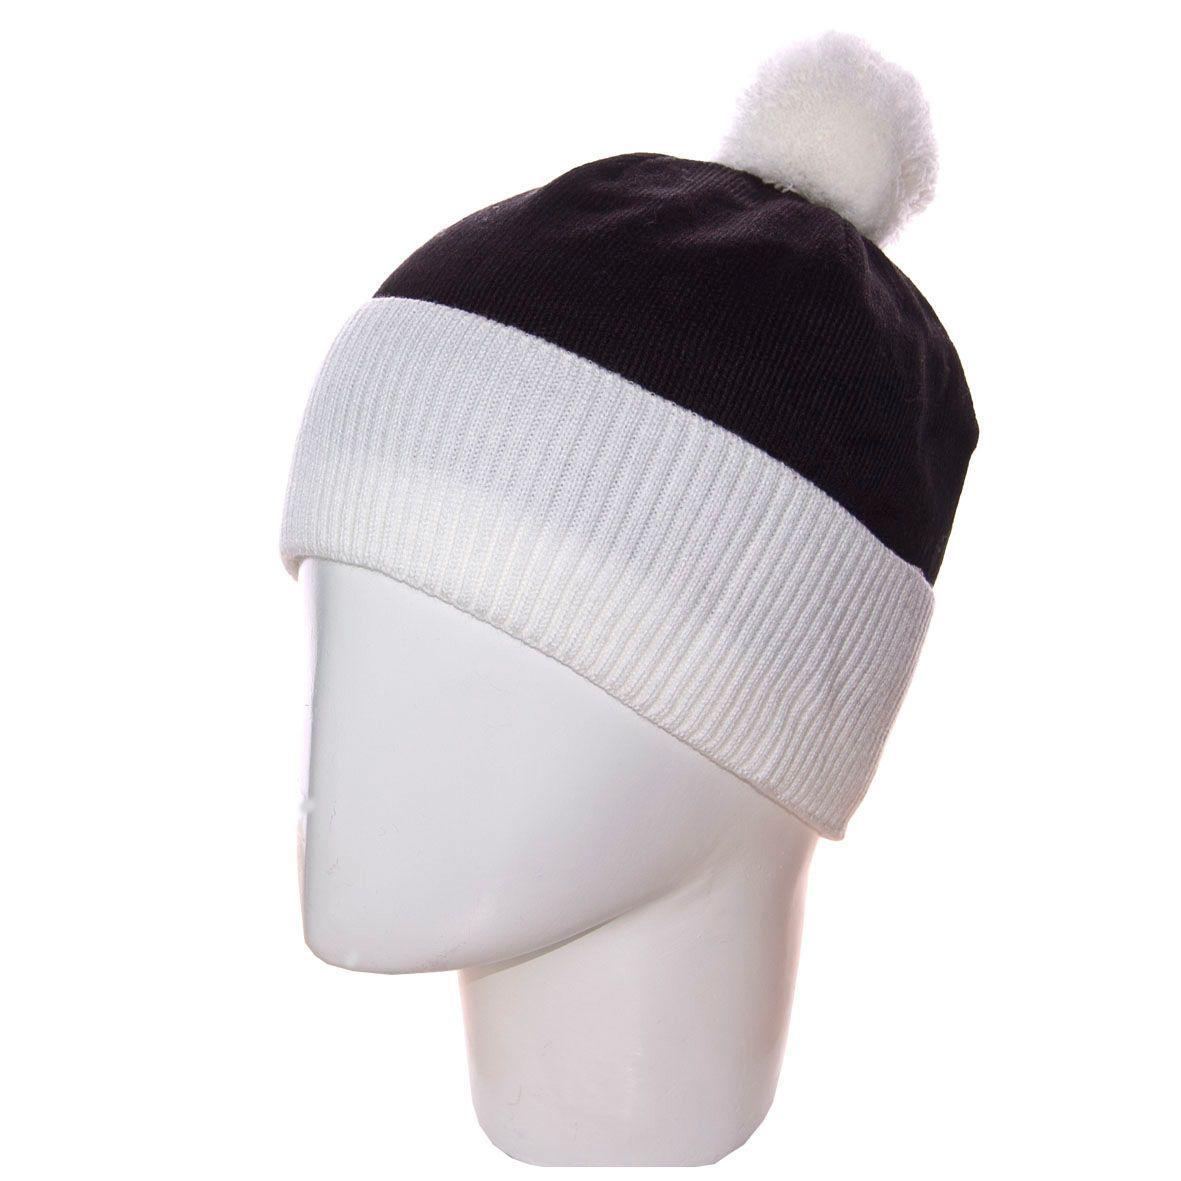 мужская вязаная шапка с ниточным помпоном на флисе 13117 белый